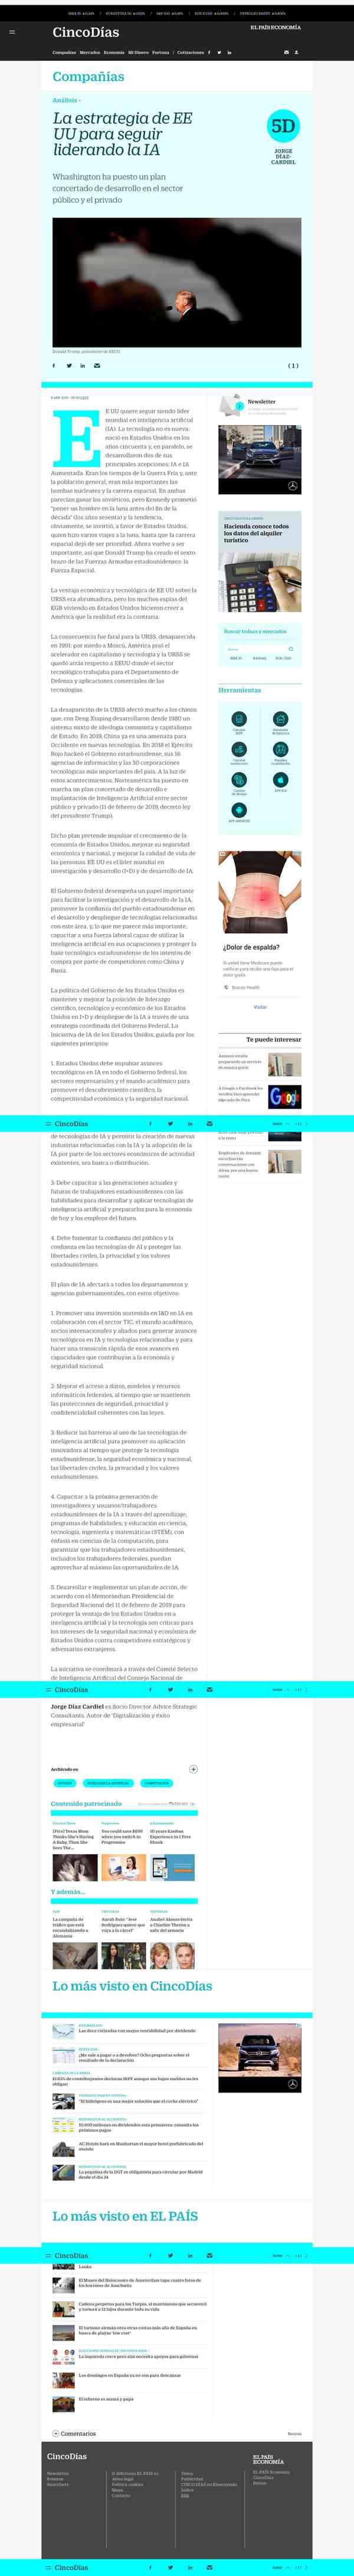 cincodias.elpais.com/cincodias/2019/04/05/companias/1554489899_768438.html?fbclid=IwAR0czRTj7uzUDO6…